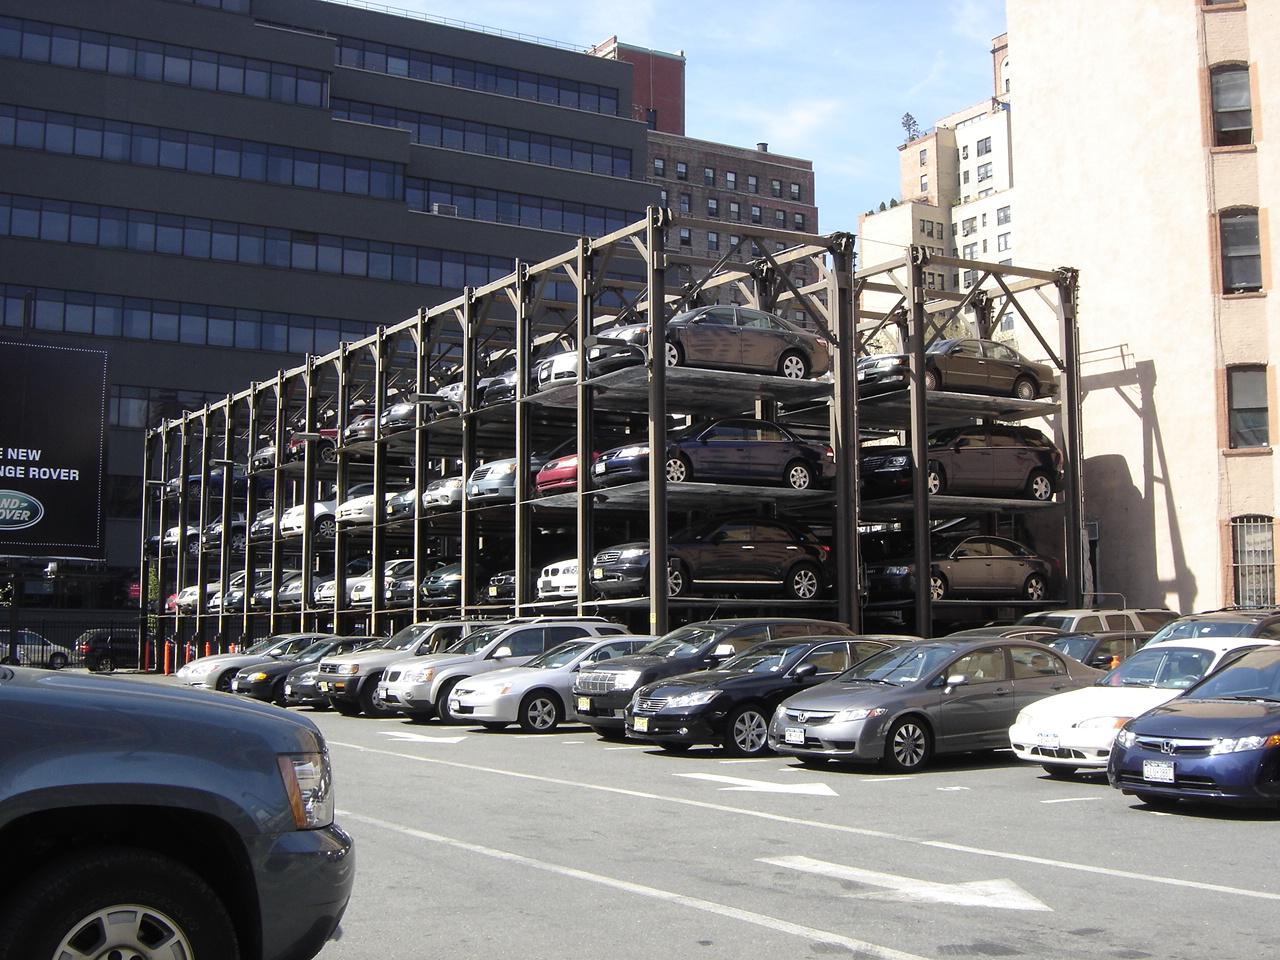 parking-garage-place-voiture-payante-gratuite-manhattan-nyc